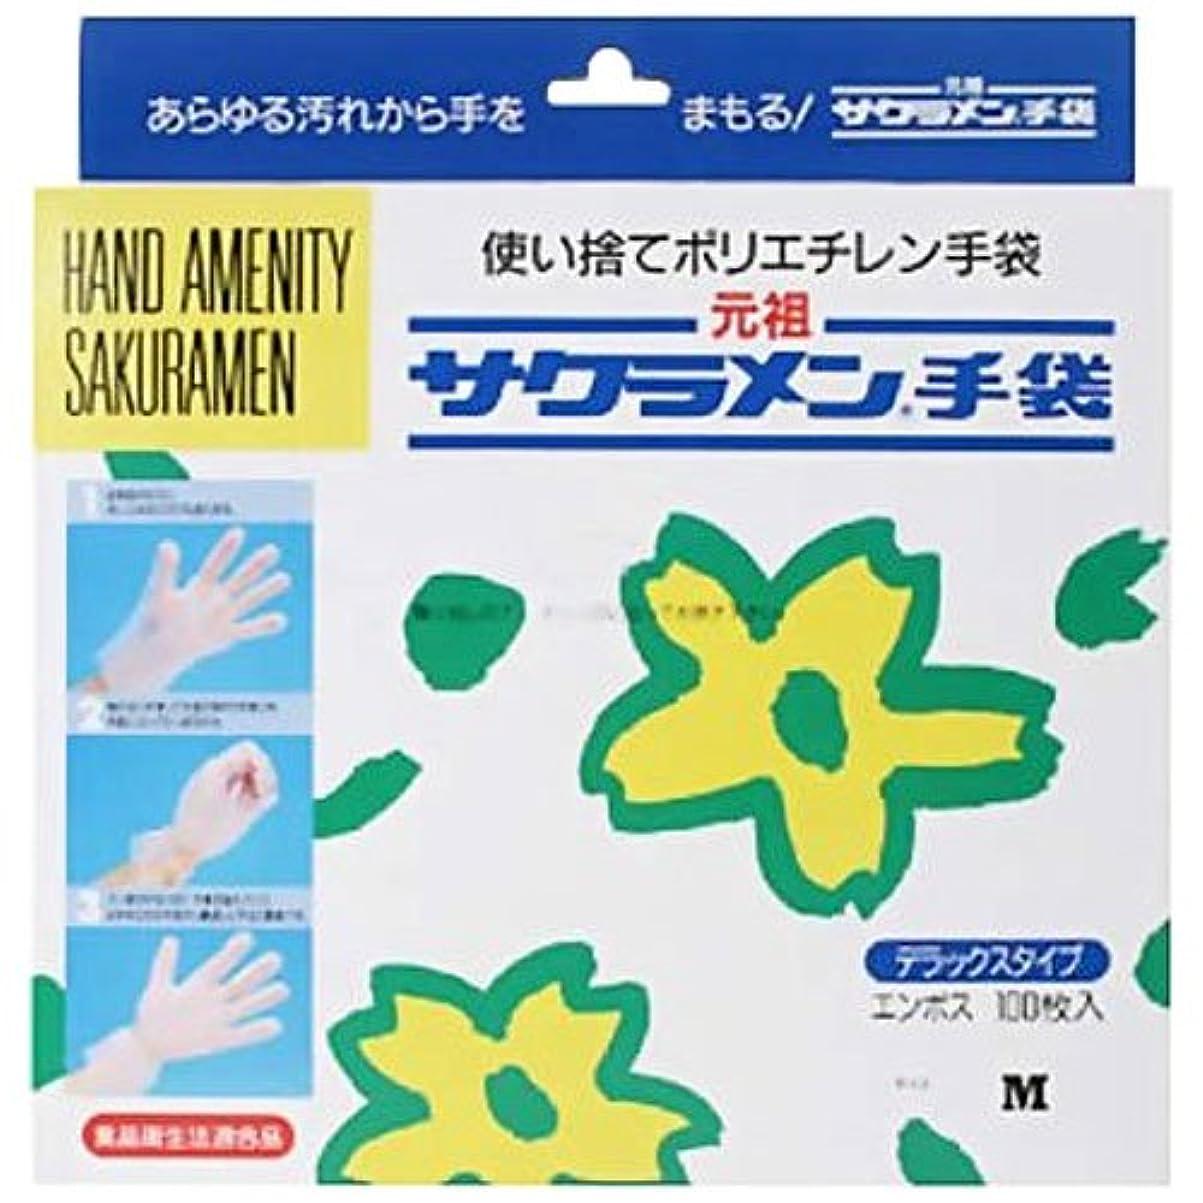 ハウス手入れキャッシュサクラメン手袋 使い捨てポリエチレン手袋 サクラメン手袋 デラックス エンボス M 100枚入 SAE-100M